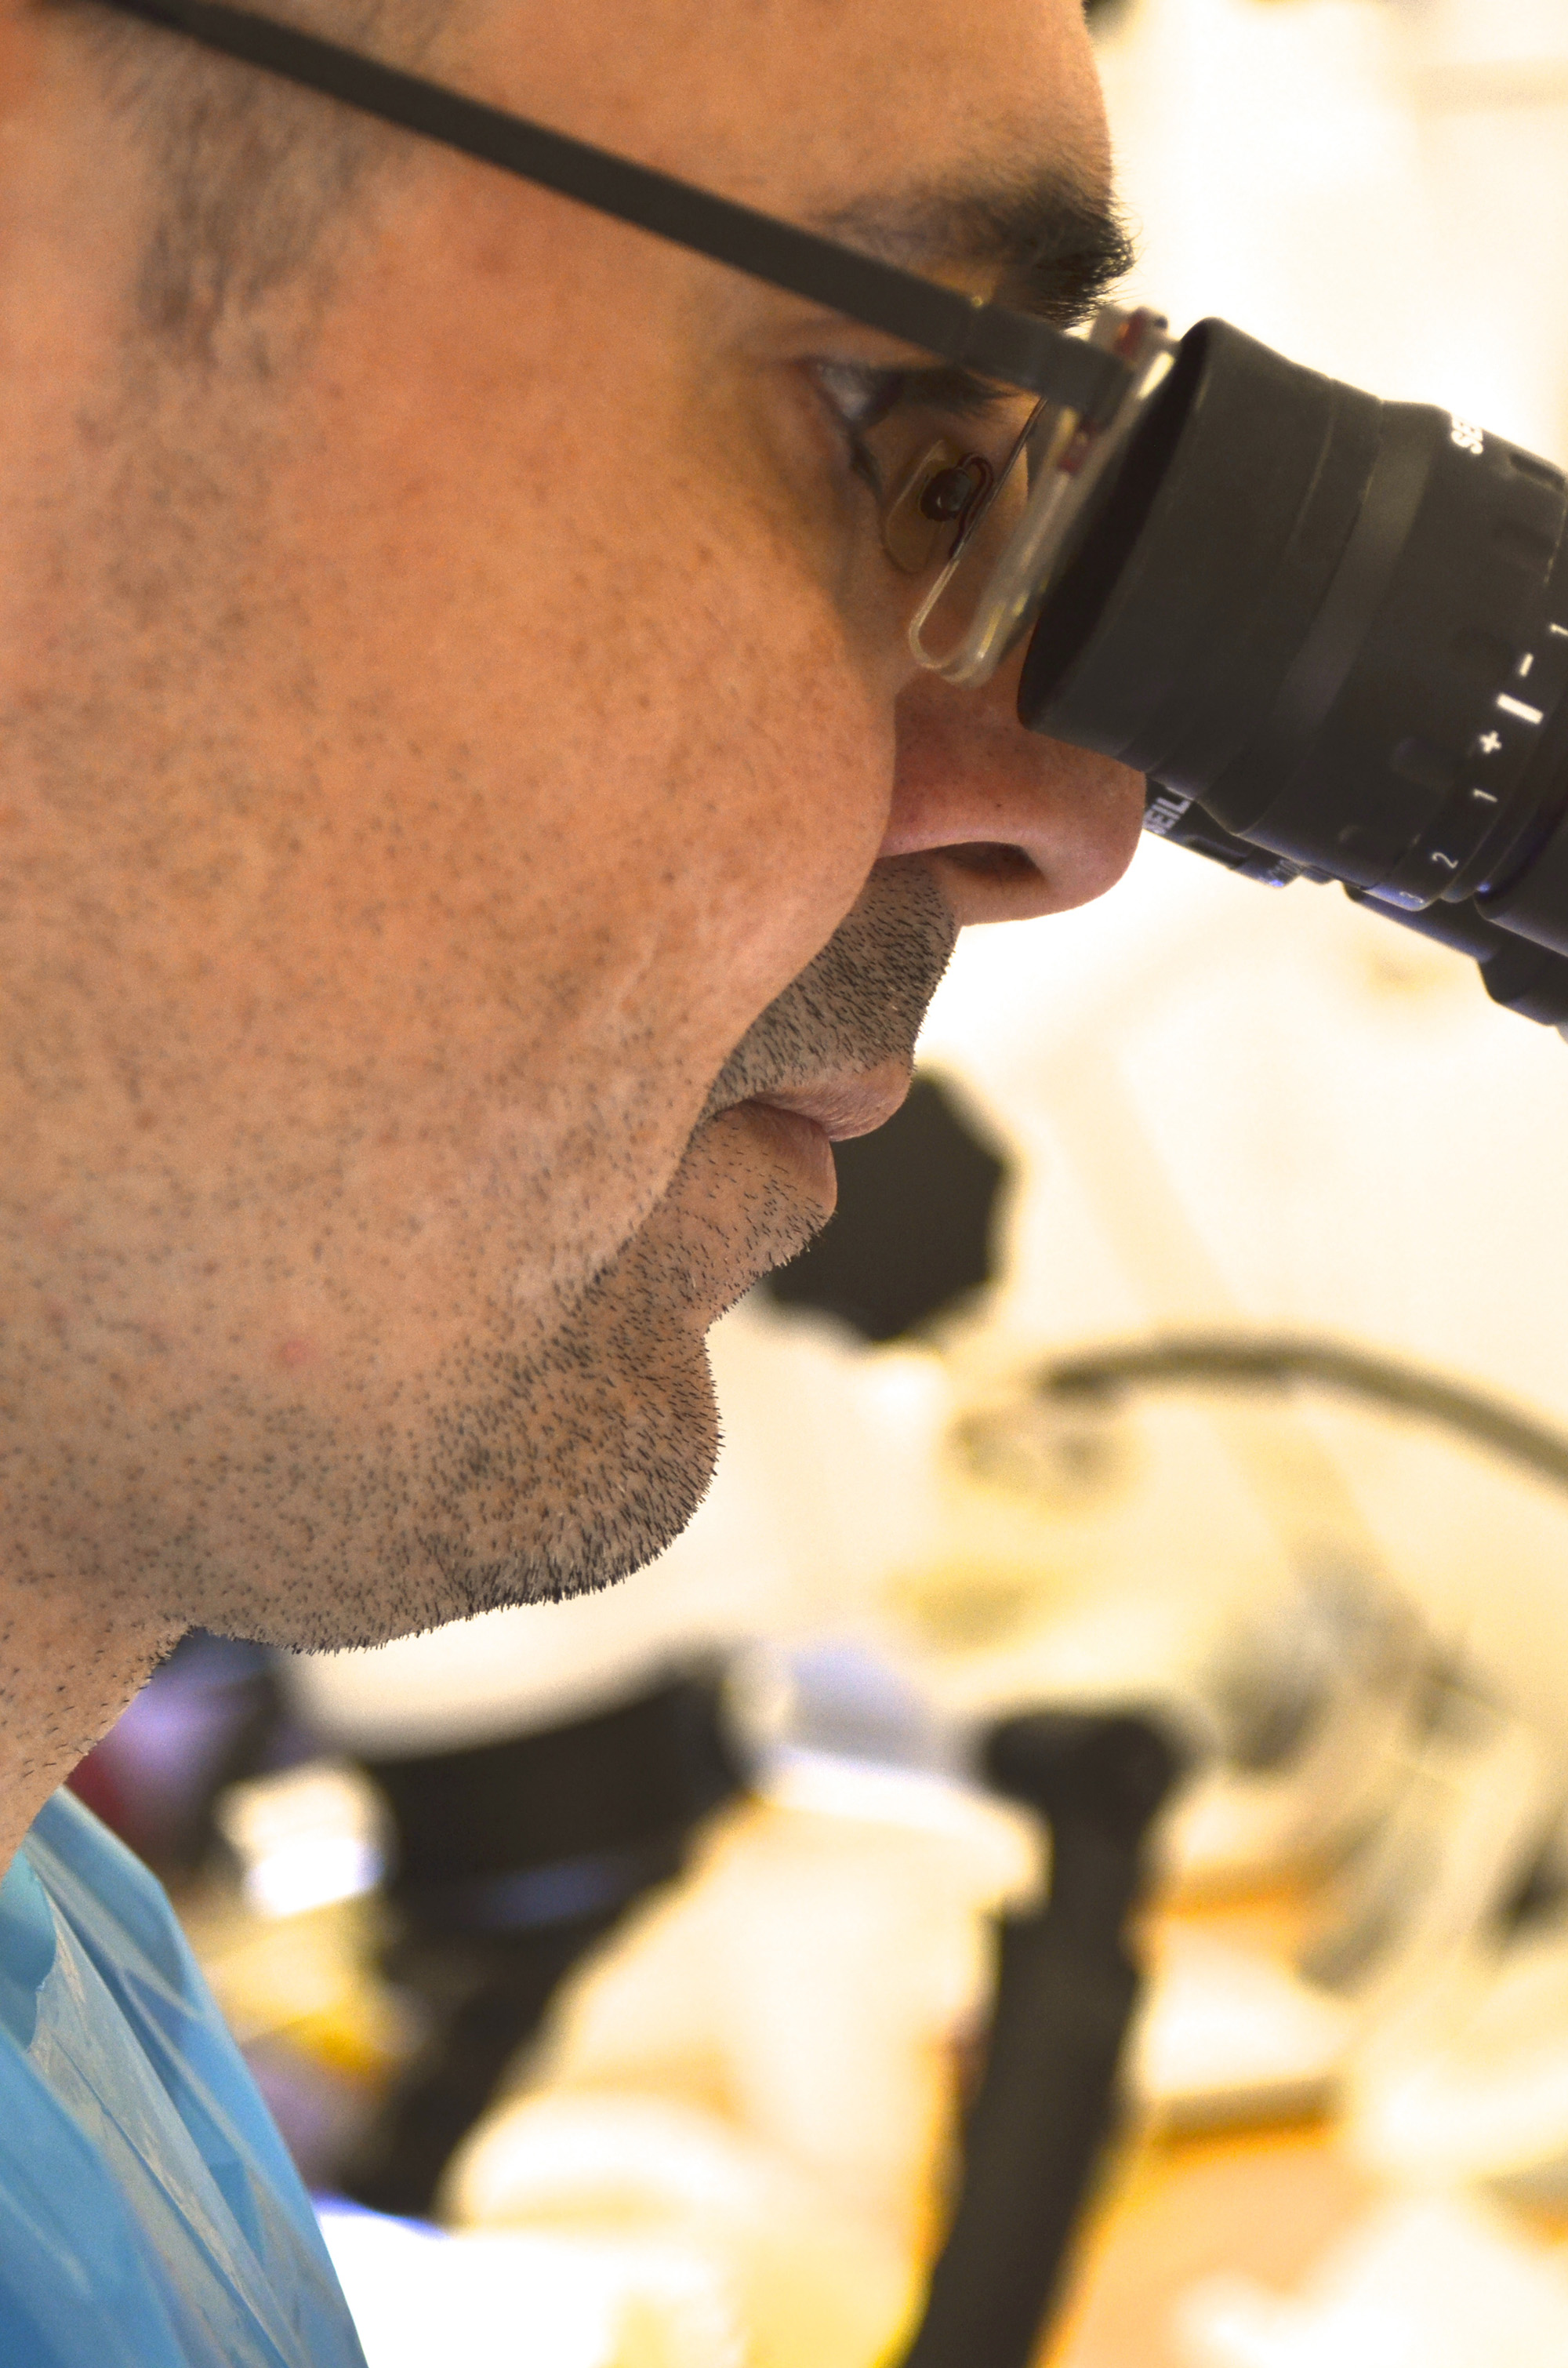 Looking into eyepieces